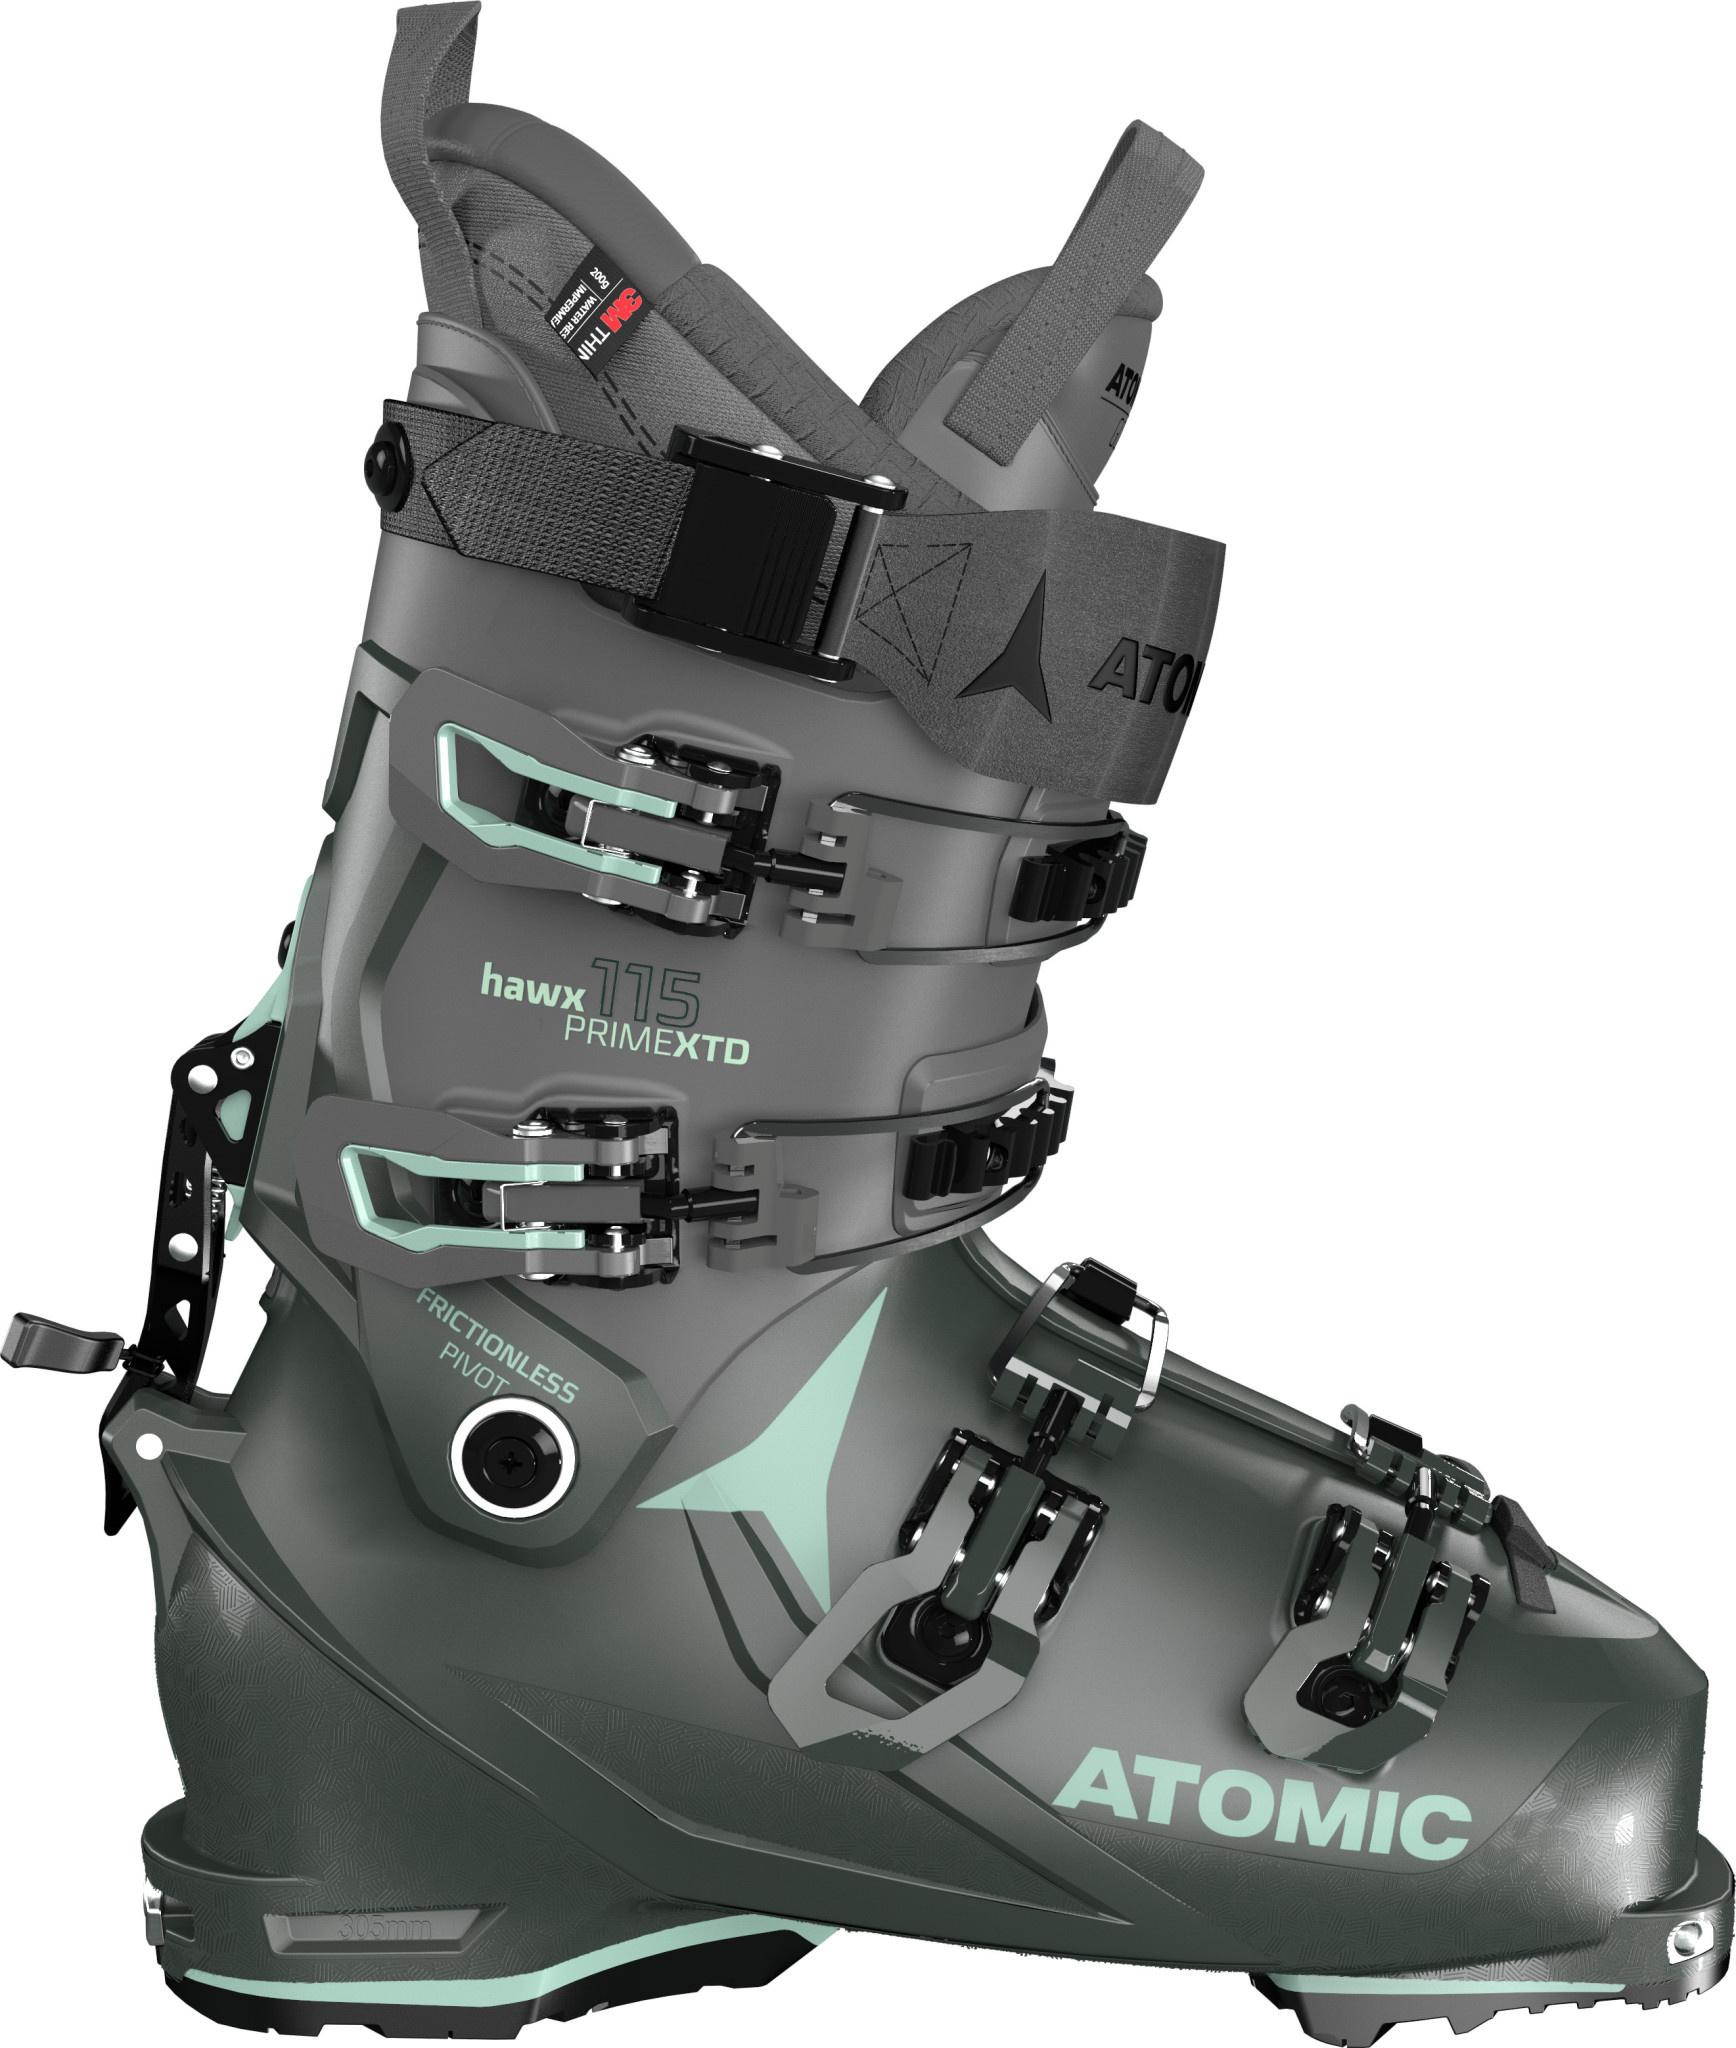 Atomic Hawx Prime XTD 115 W Tech GW-1